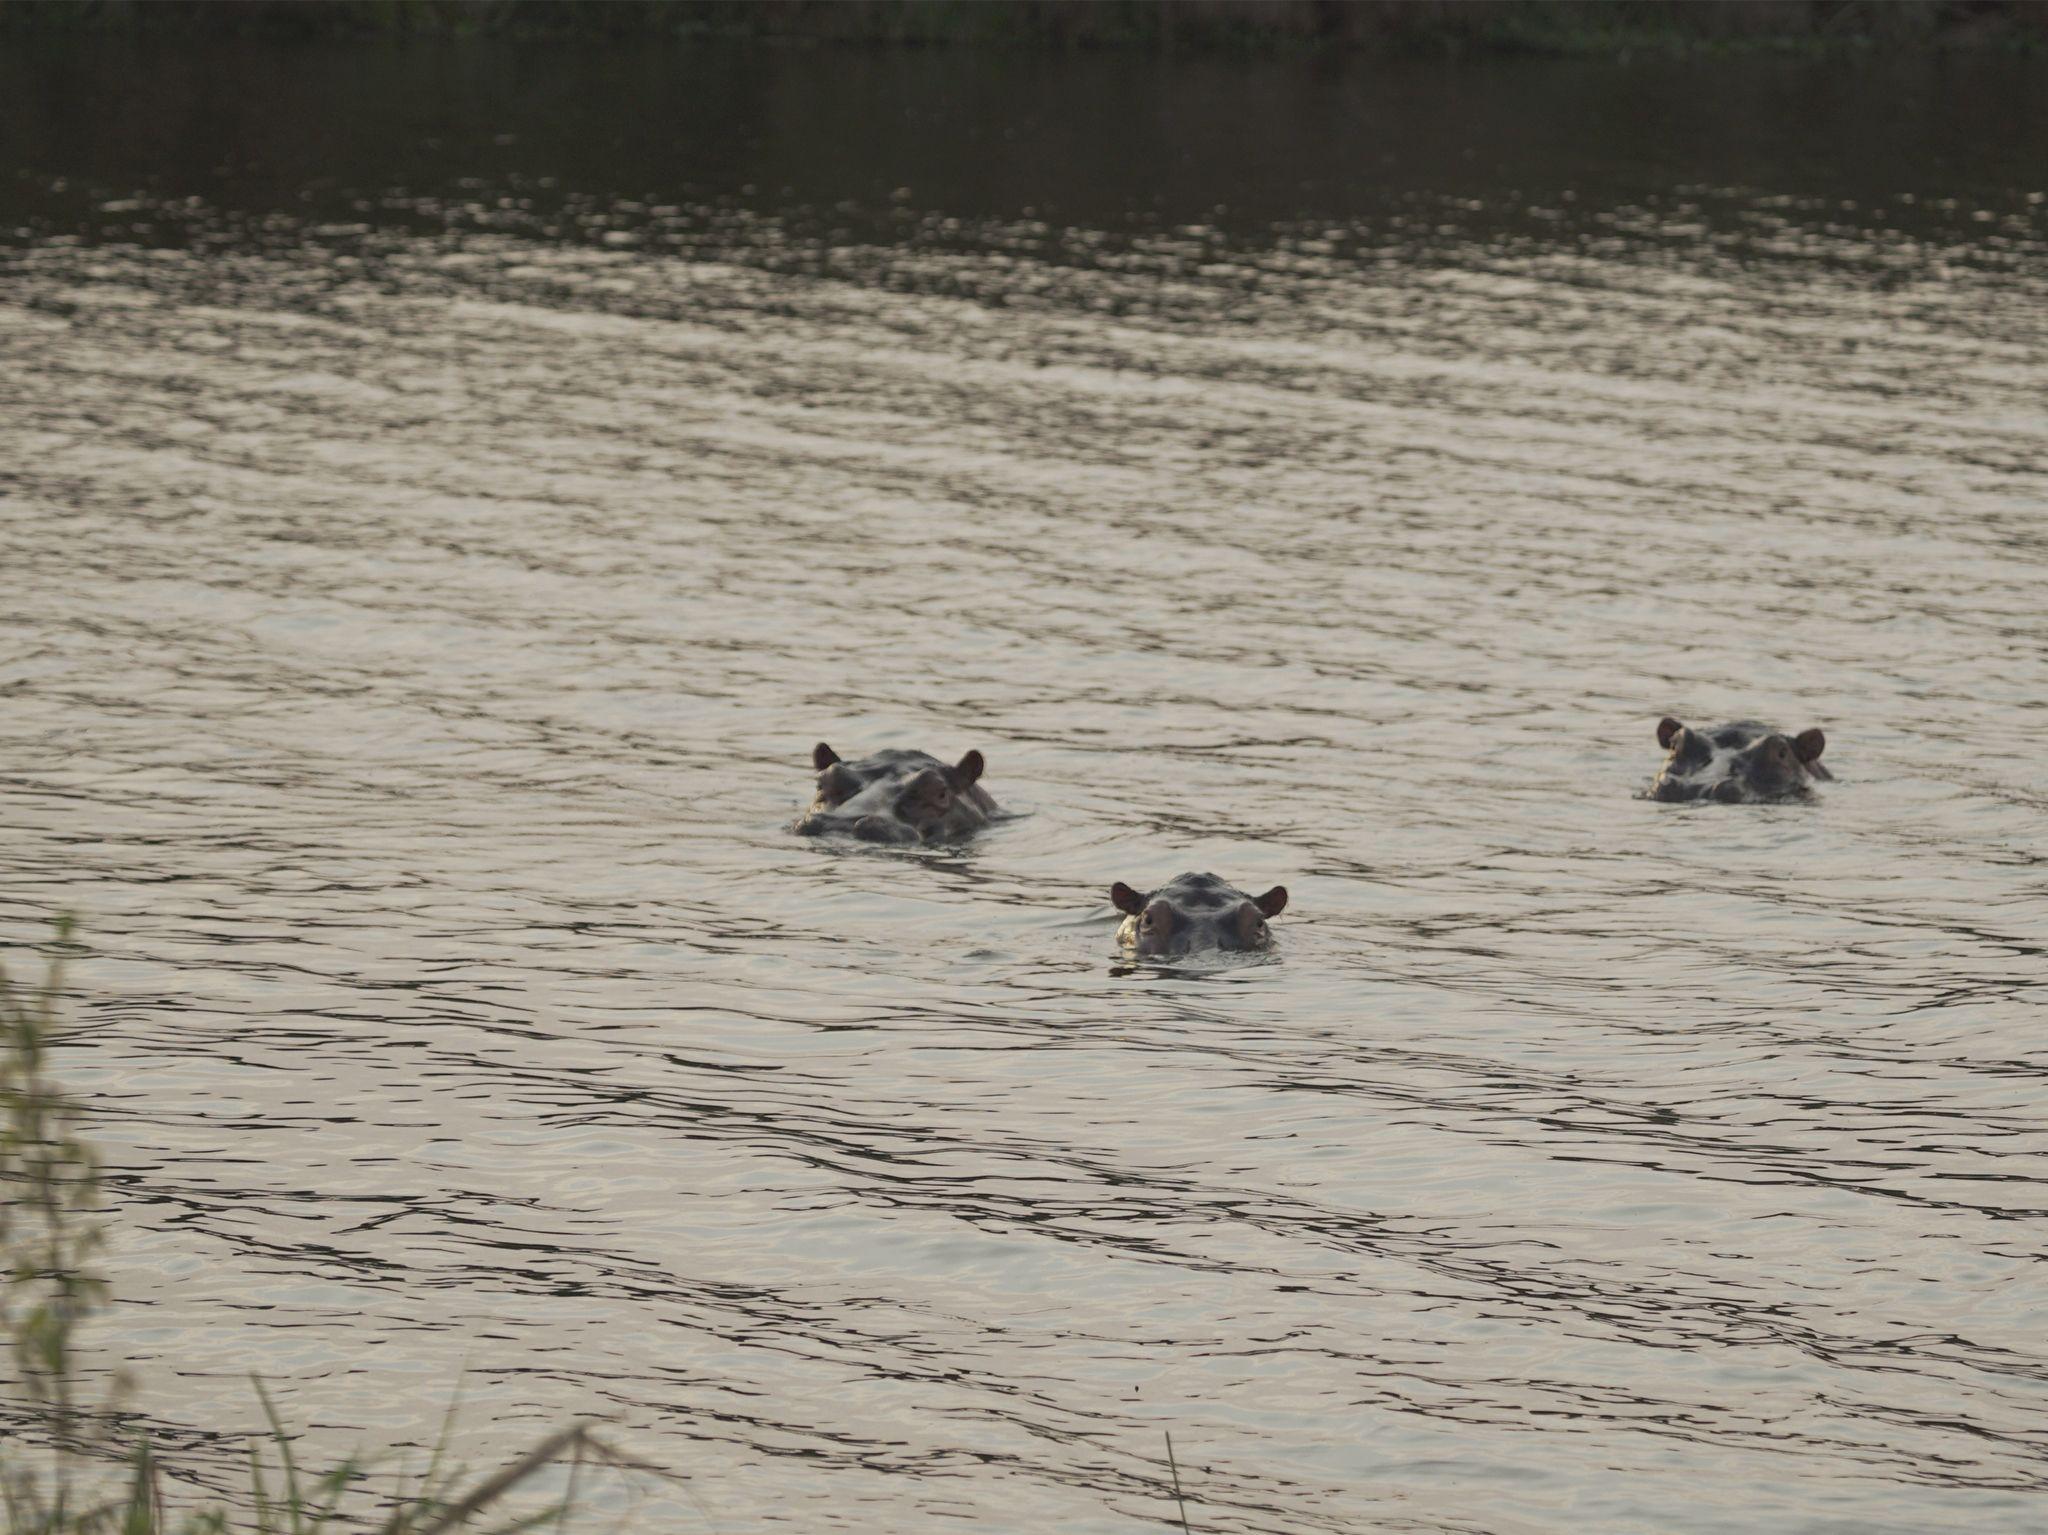 ثلاث حيوانات فرس نهر مغمورون تحت مياه البحيرة. في... [Photo of the day - يونيو 2020]